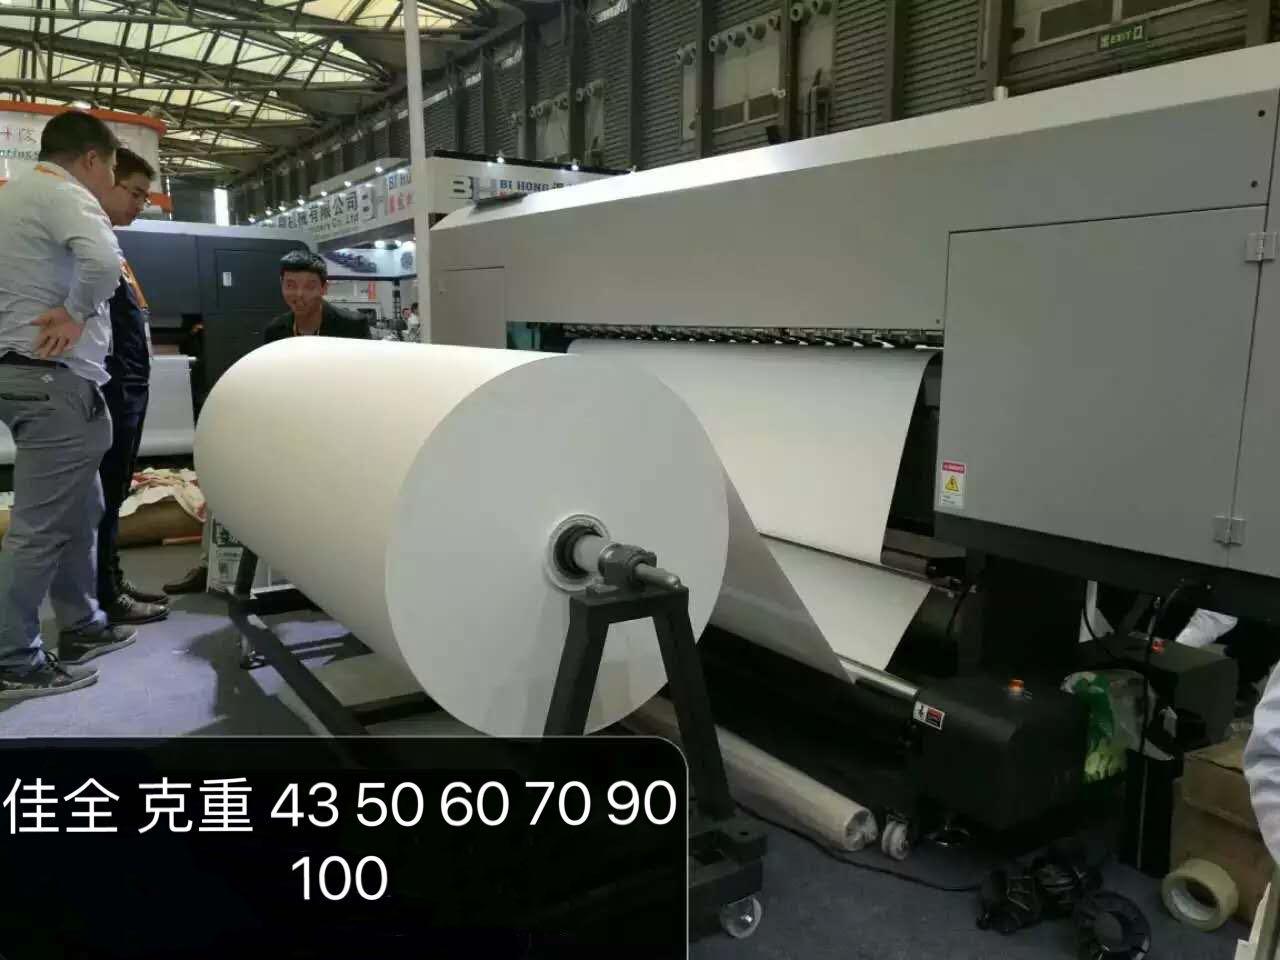 厂家直销热升华转印纸数码爱唯侦察1024纸